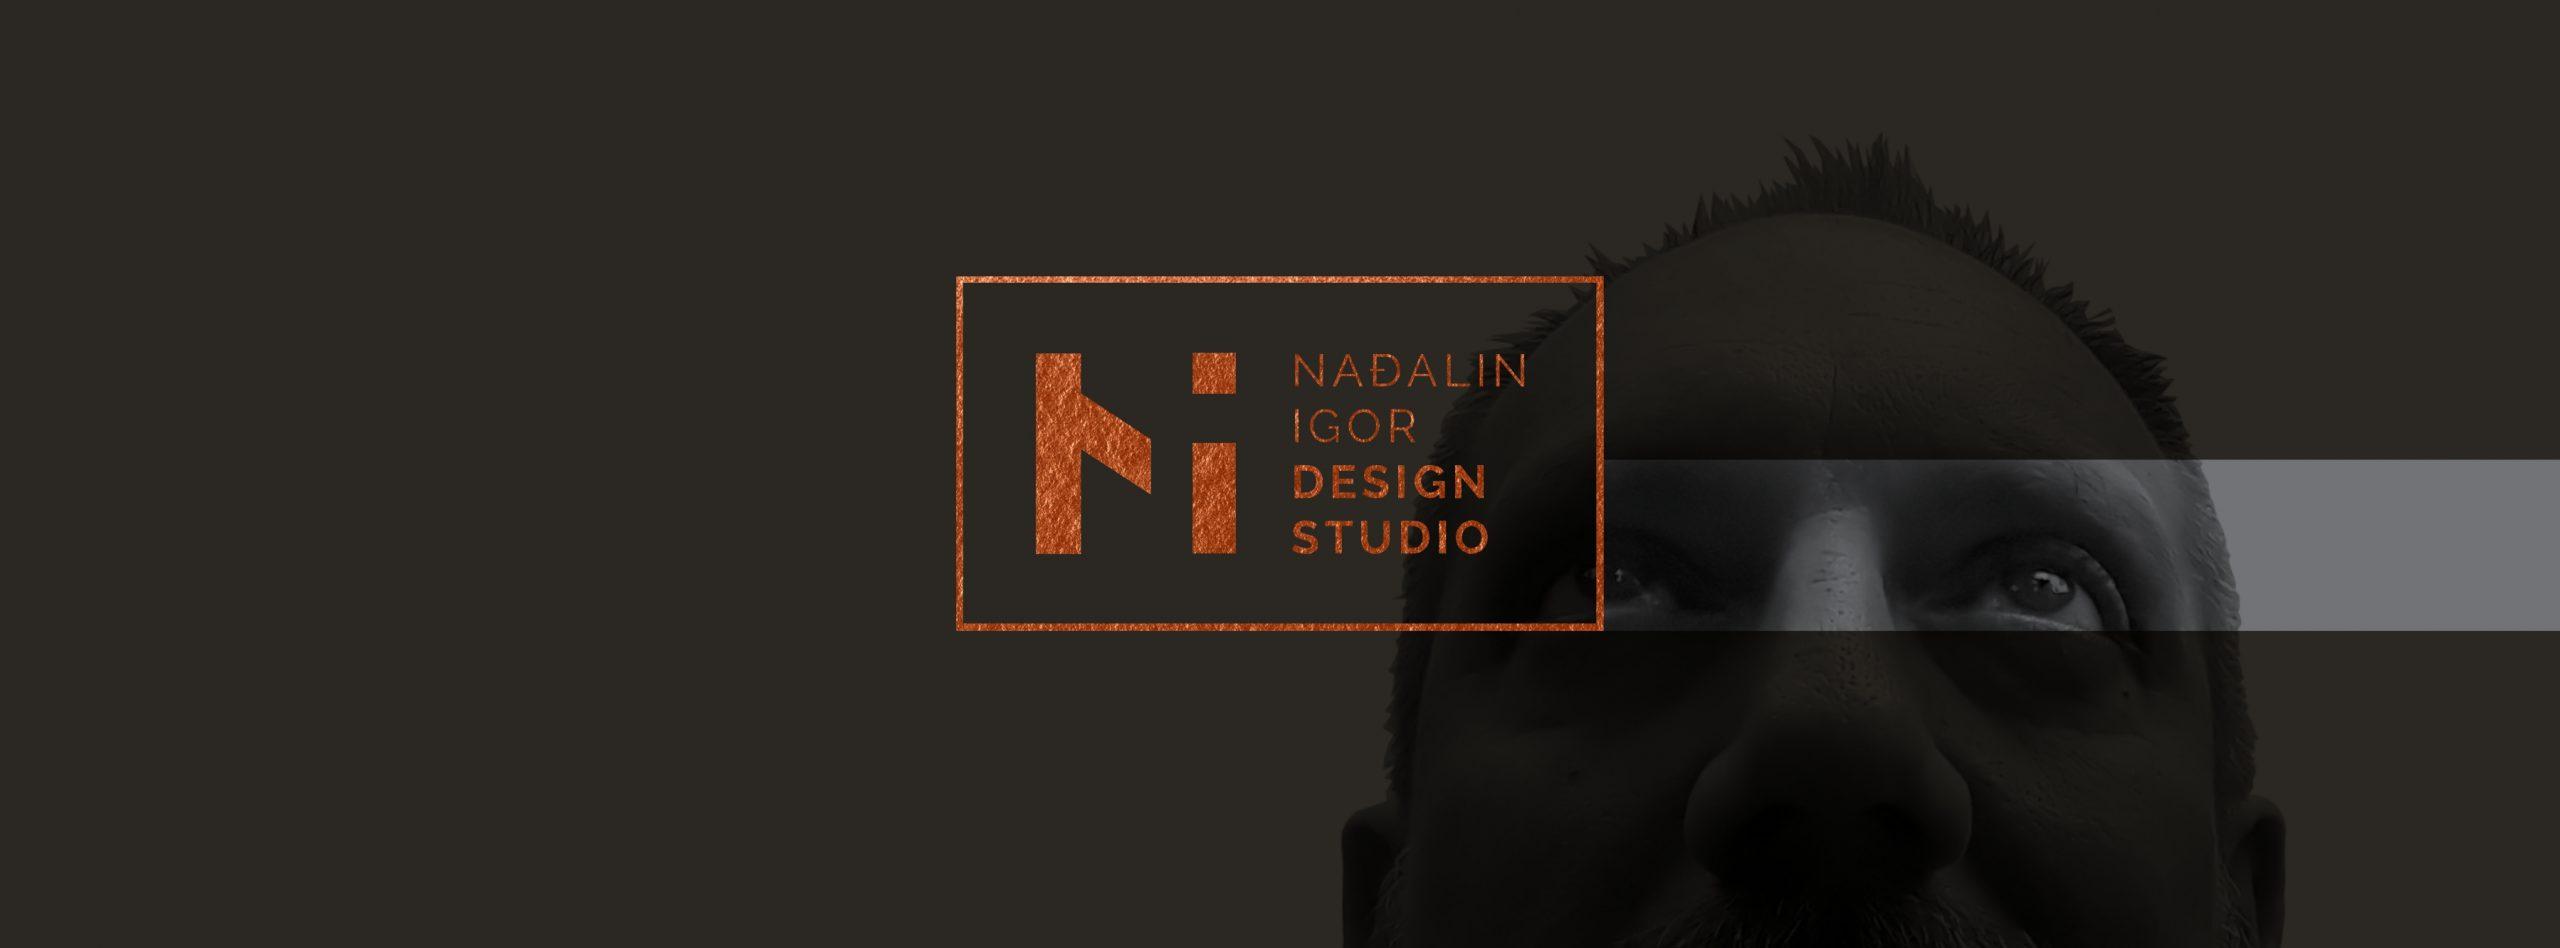 Hi, my name is Igor Nadjalin.